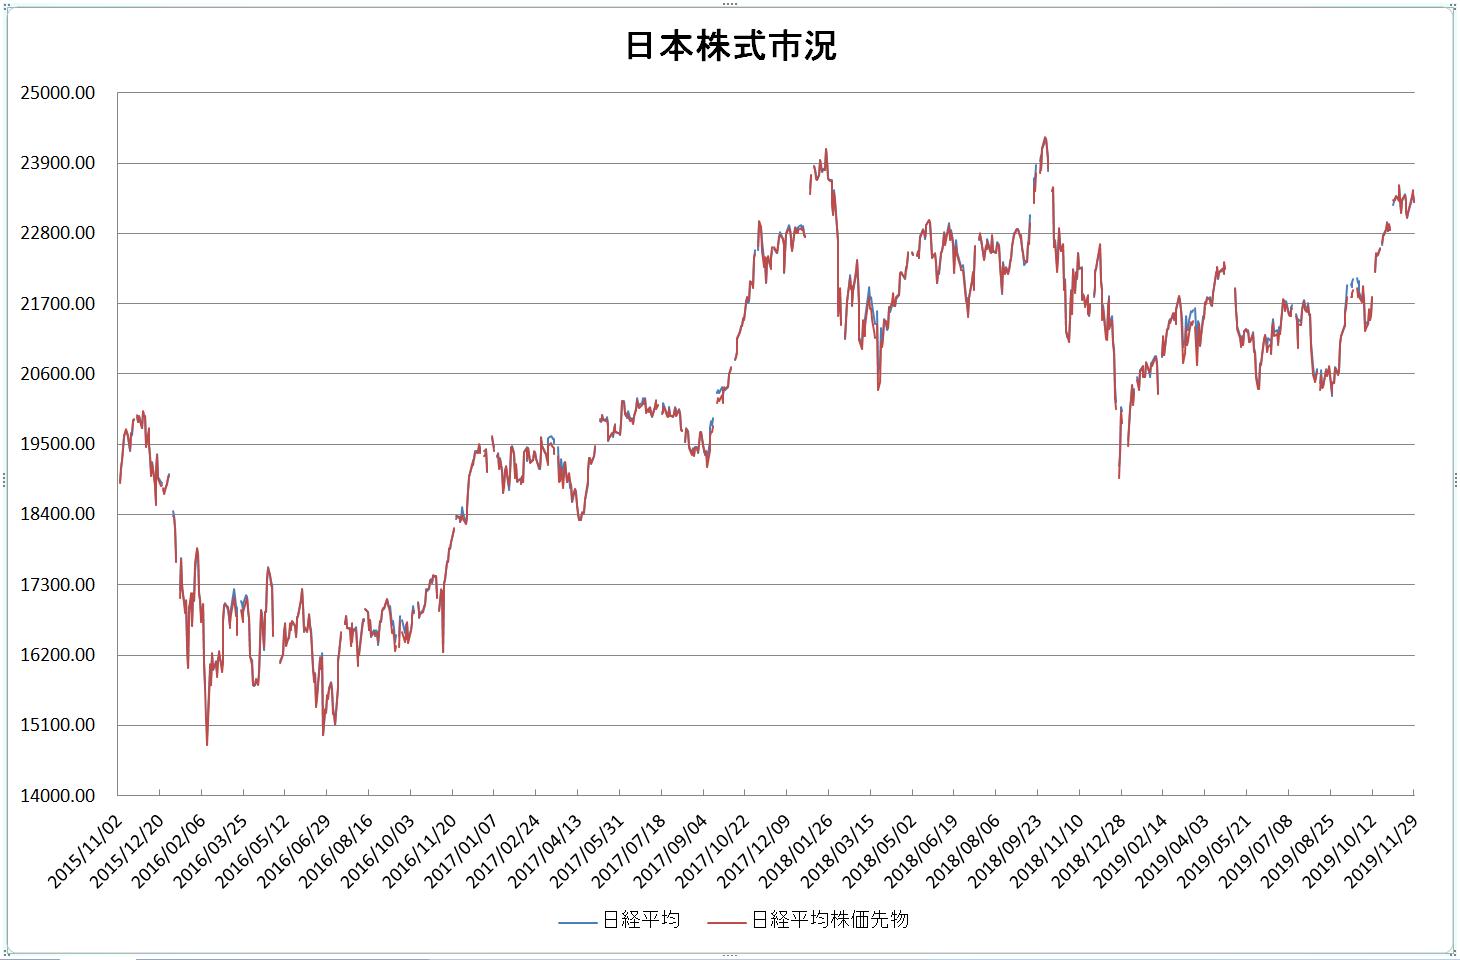 http://kawaseshijima2.odayakaan.com/images/jp_stock_20191201.png